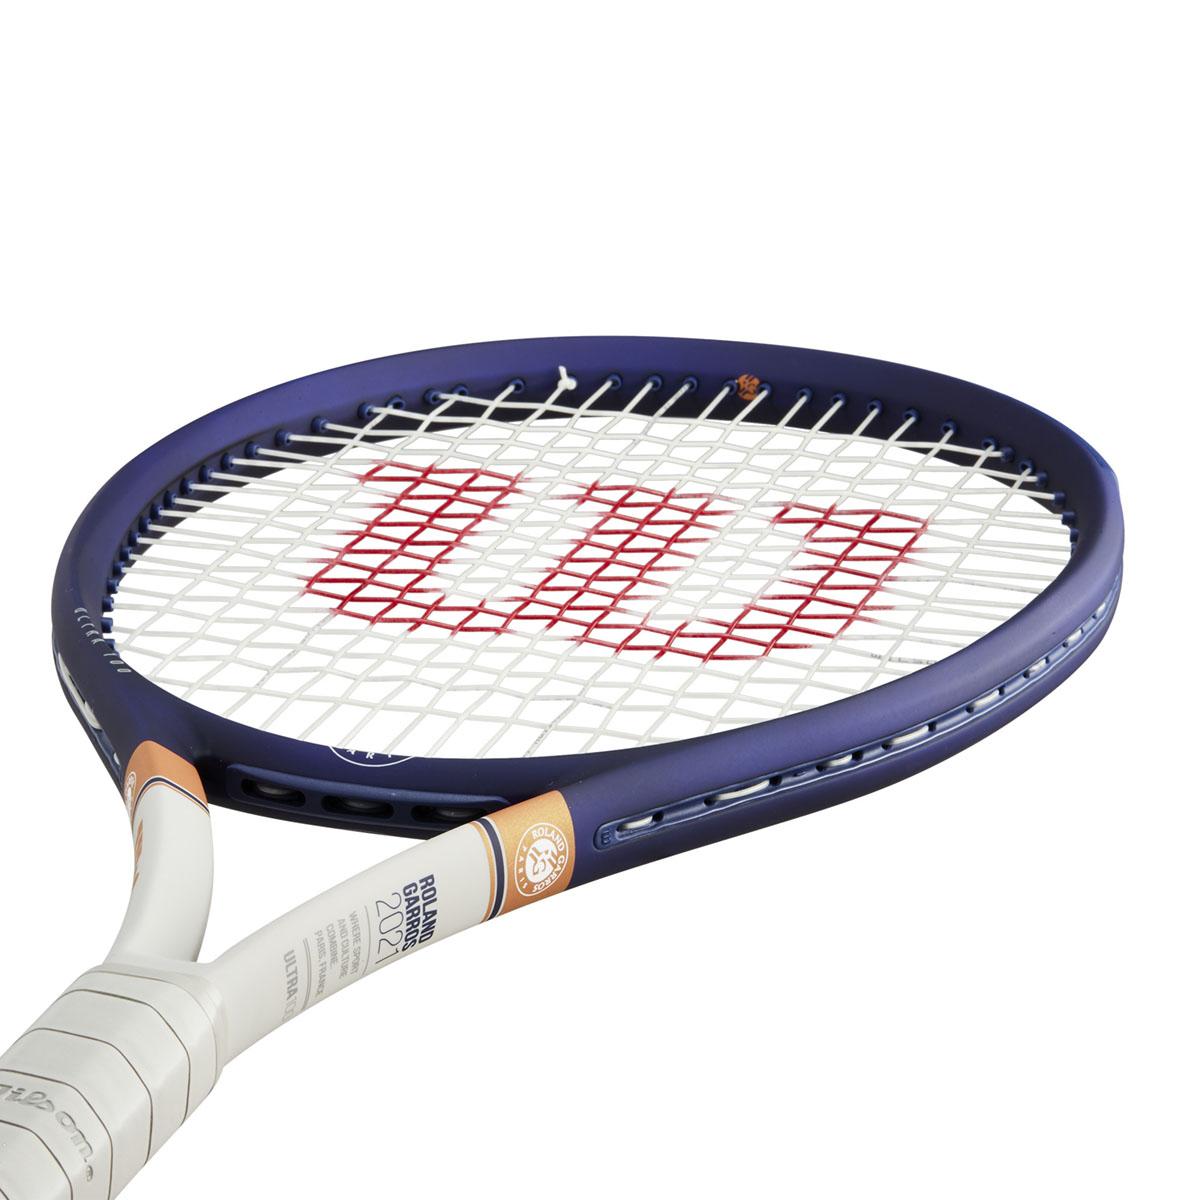 WR068411U_4_Ultra_100_Roland_Garros_NY_OR_GY.png.cq5dam.web.2000.2000